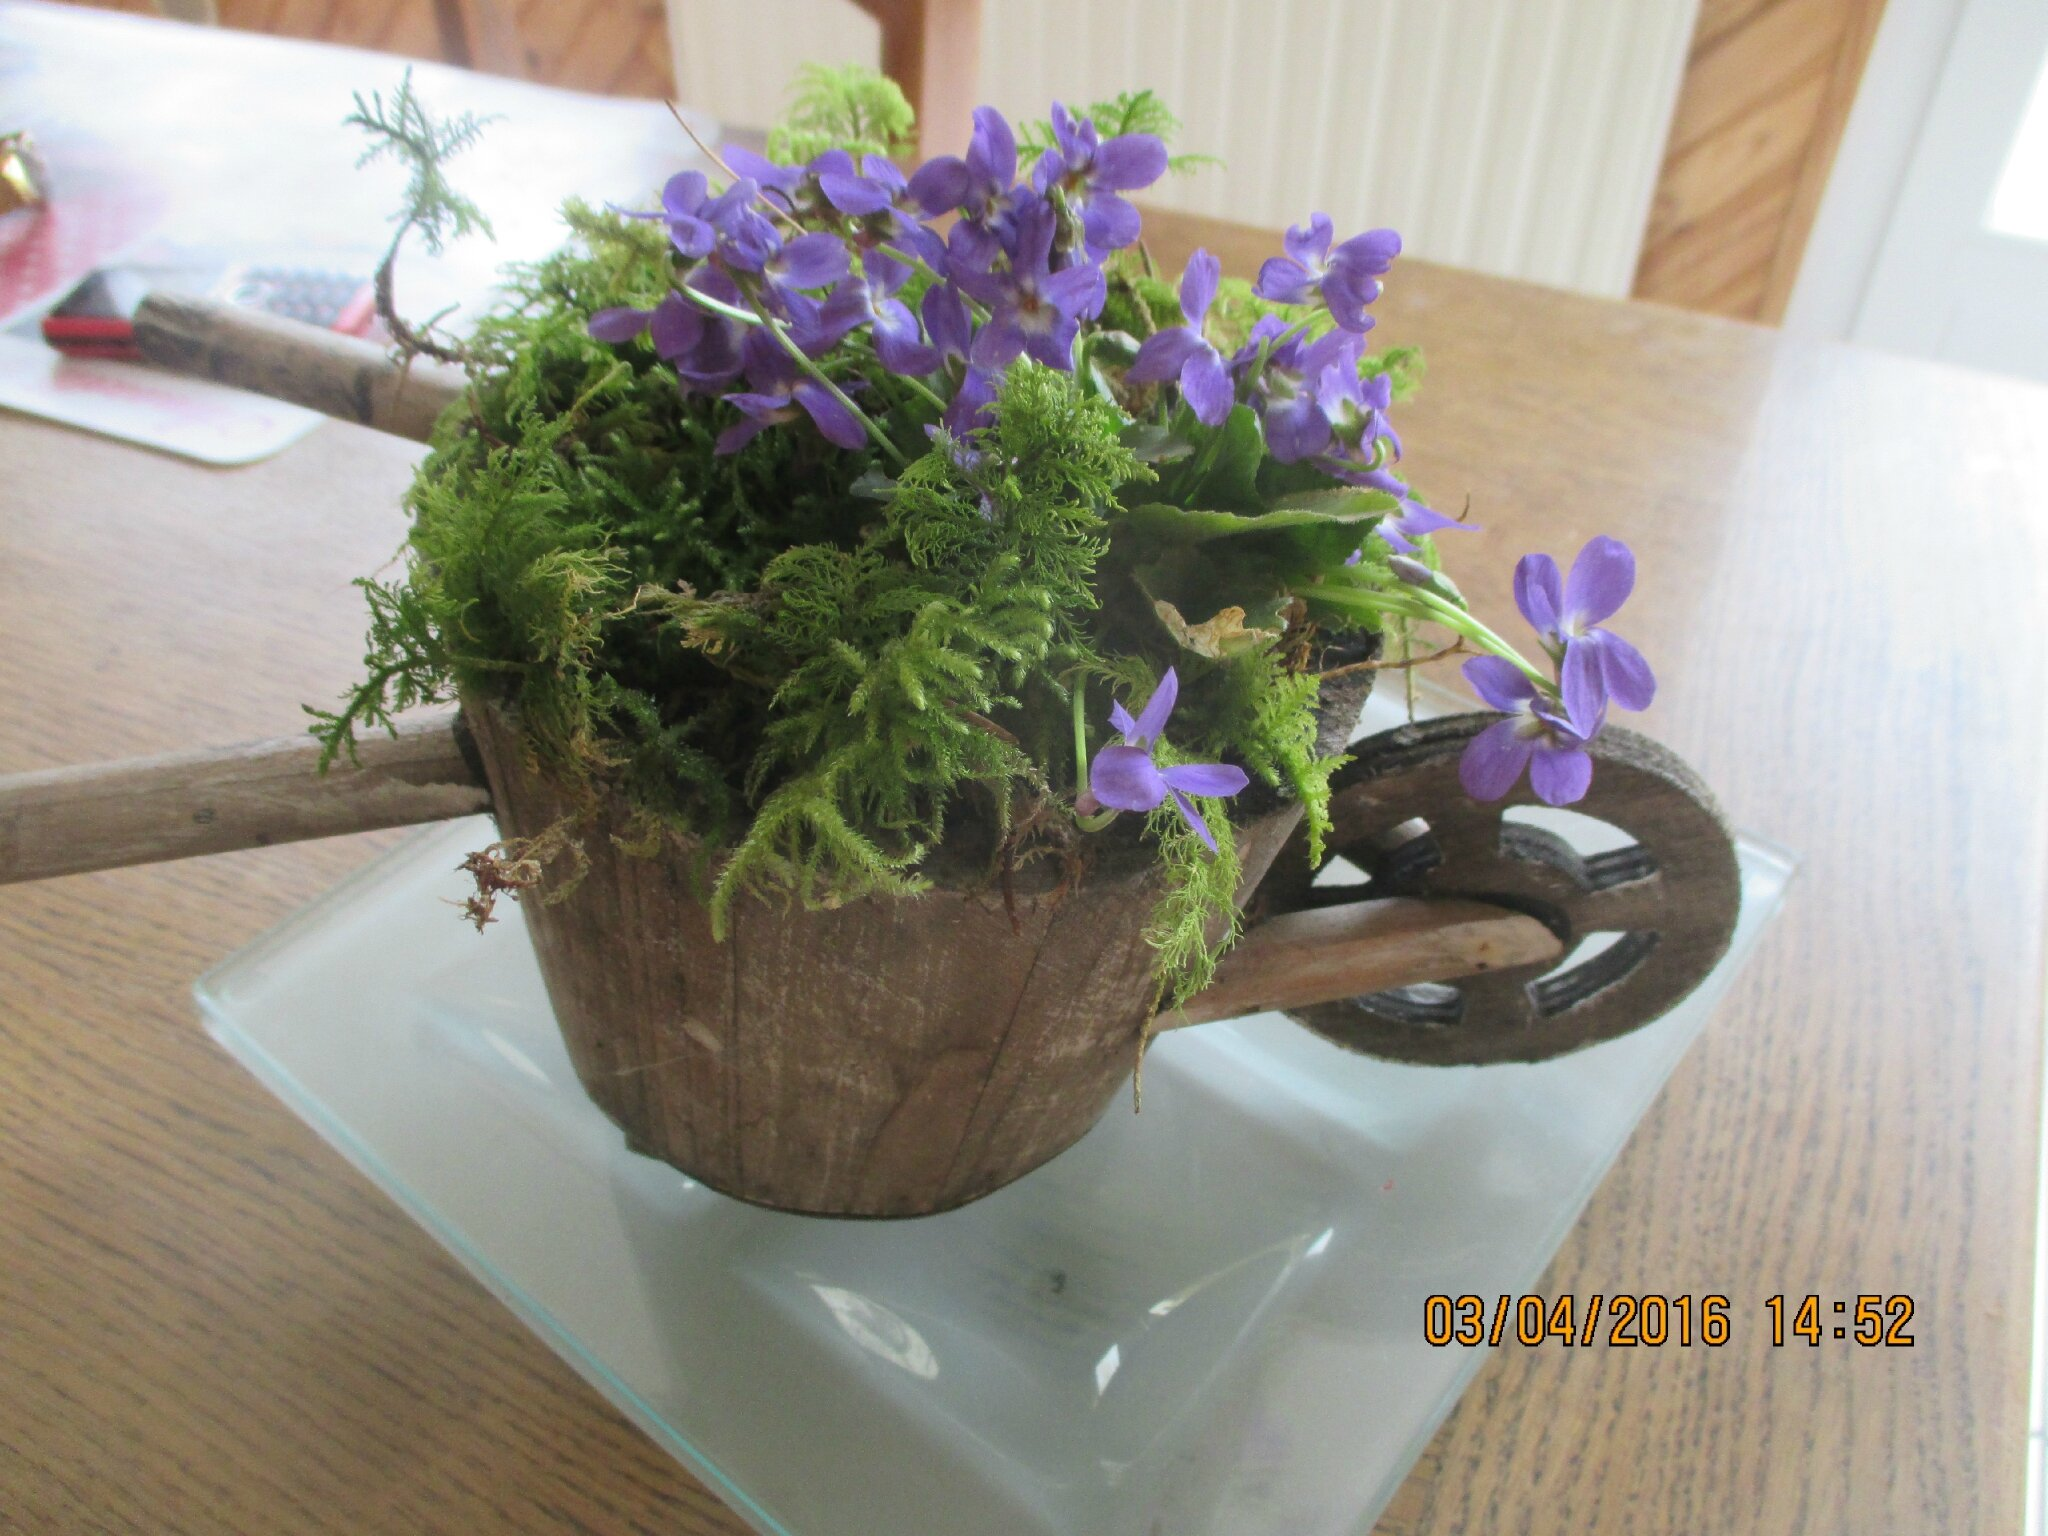 petit bouquet de violettes,pour vous souhaitez une bonne soirée,et une bonne semaine ,grosses bises à tous et toutes♥